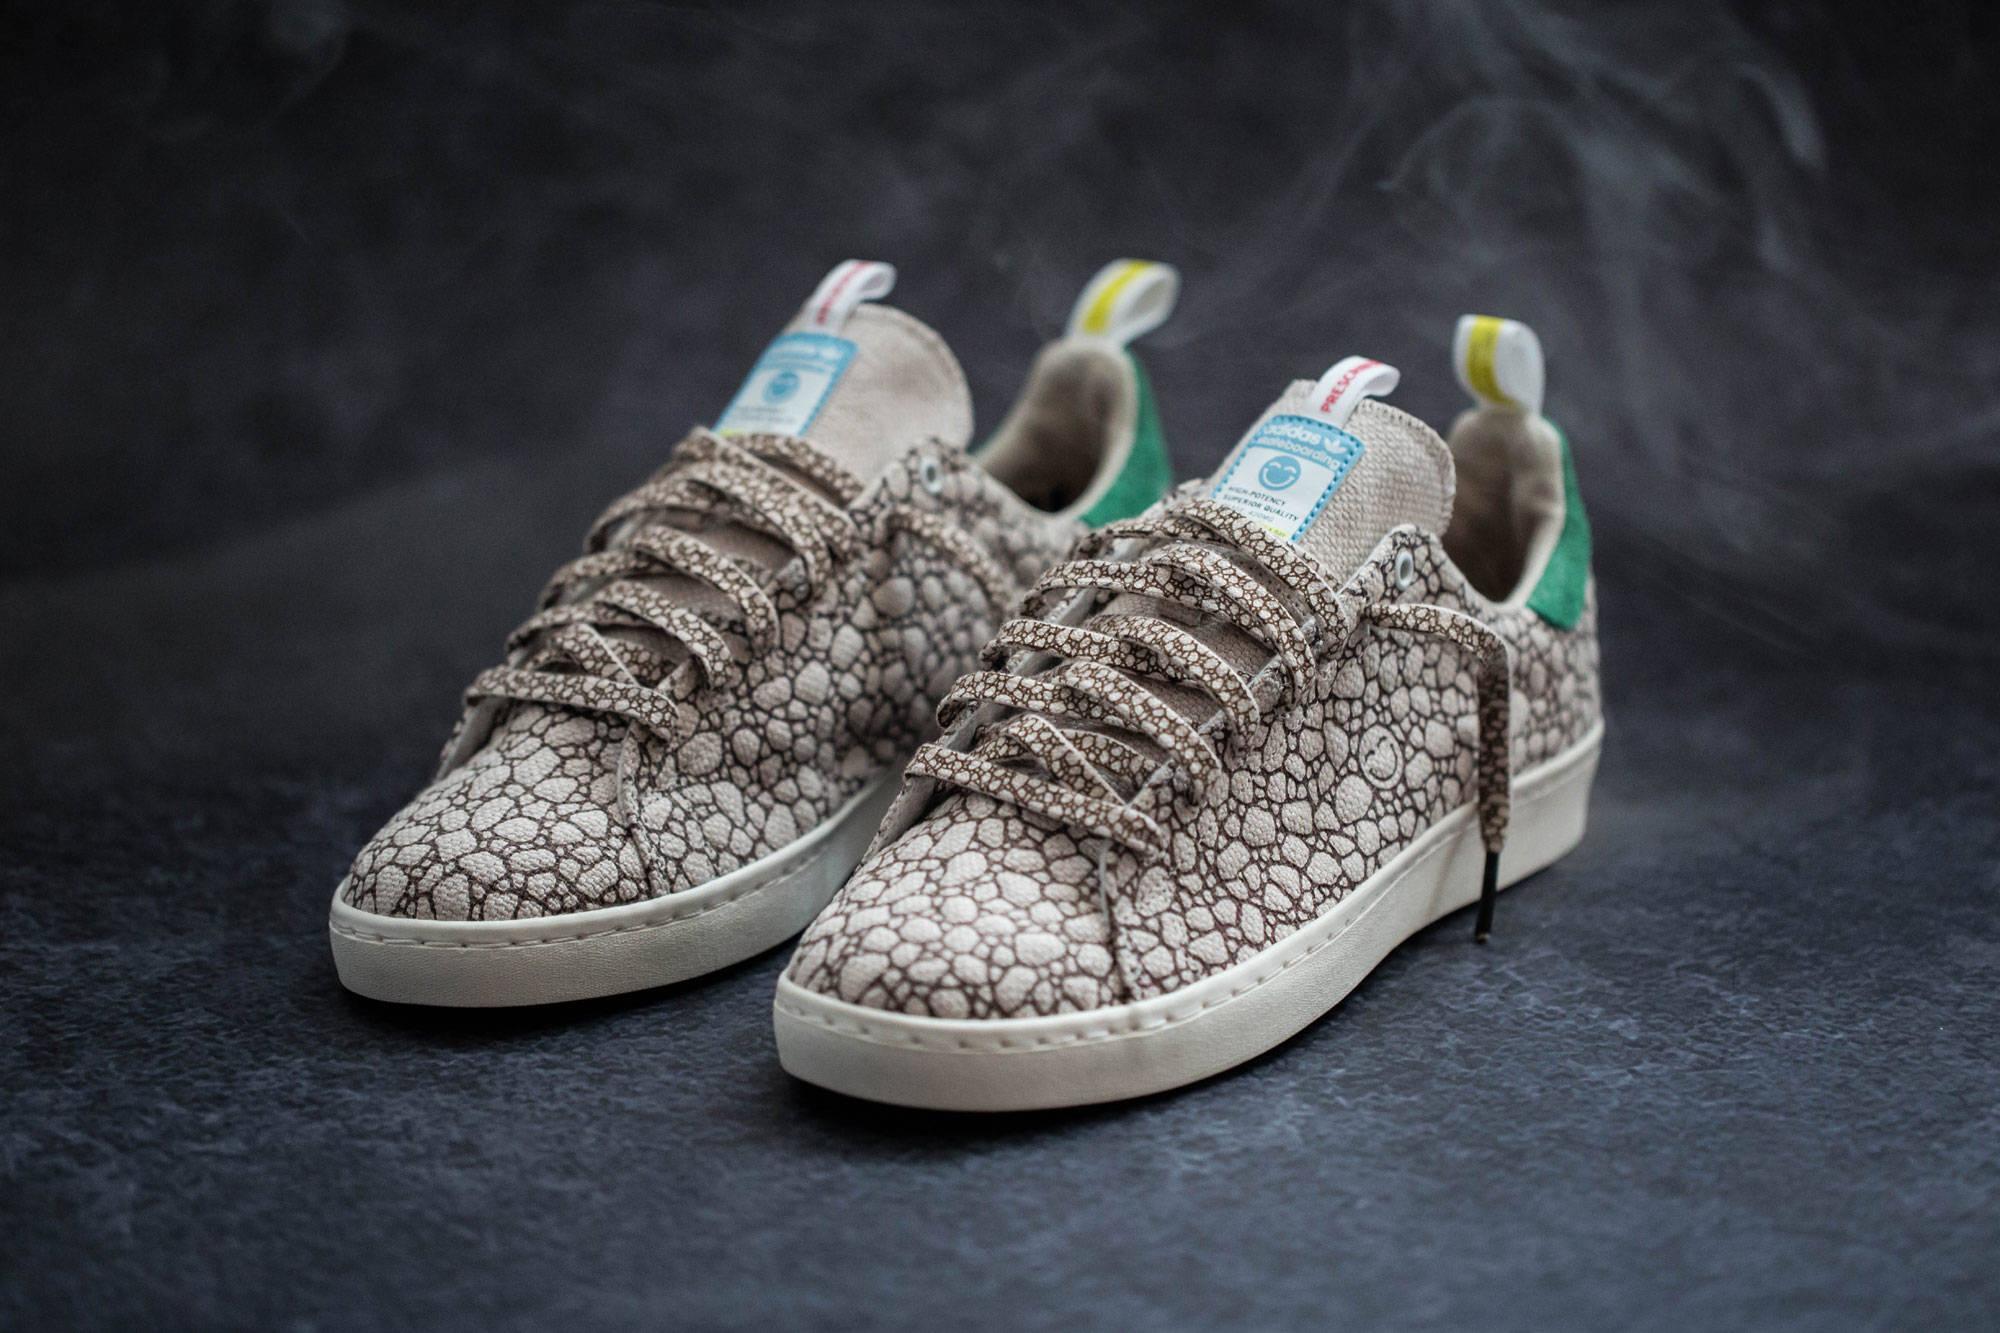 A német állam 2,4 milliárd eurós hitelt ad az Adidasnak